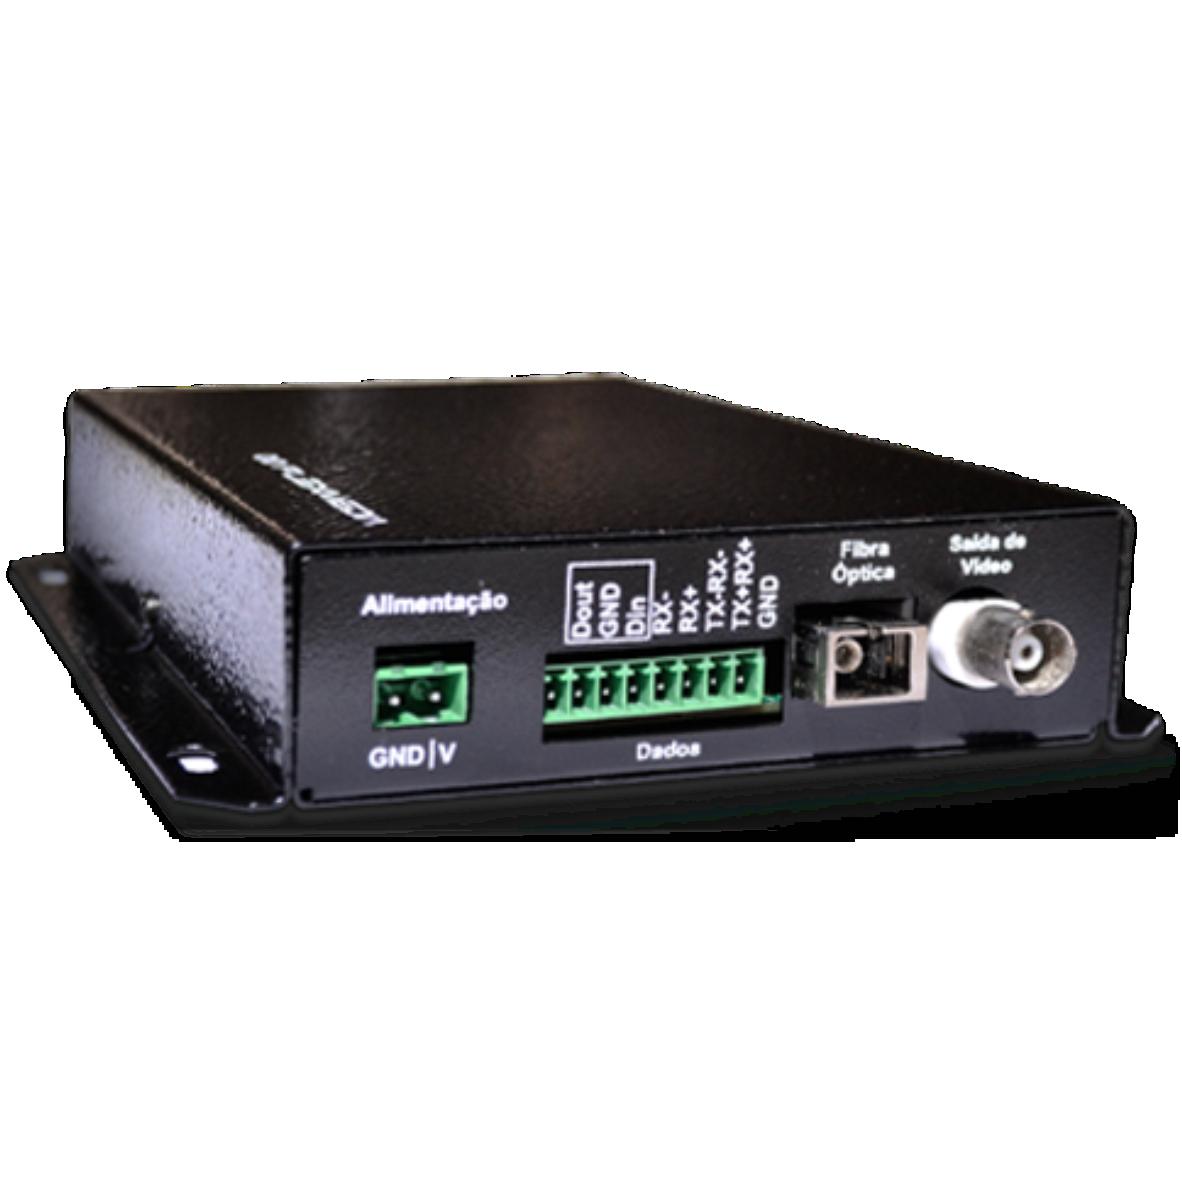 Conversor digital de vídeo, dados e contato seco bidirecionais (1 CH)